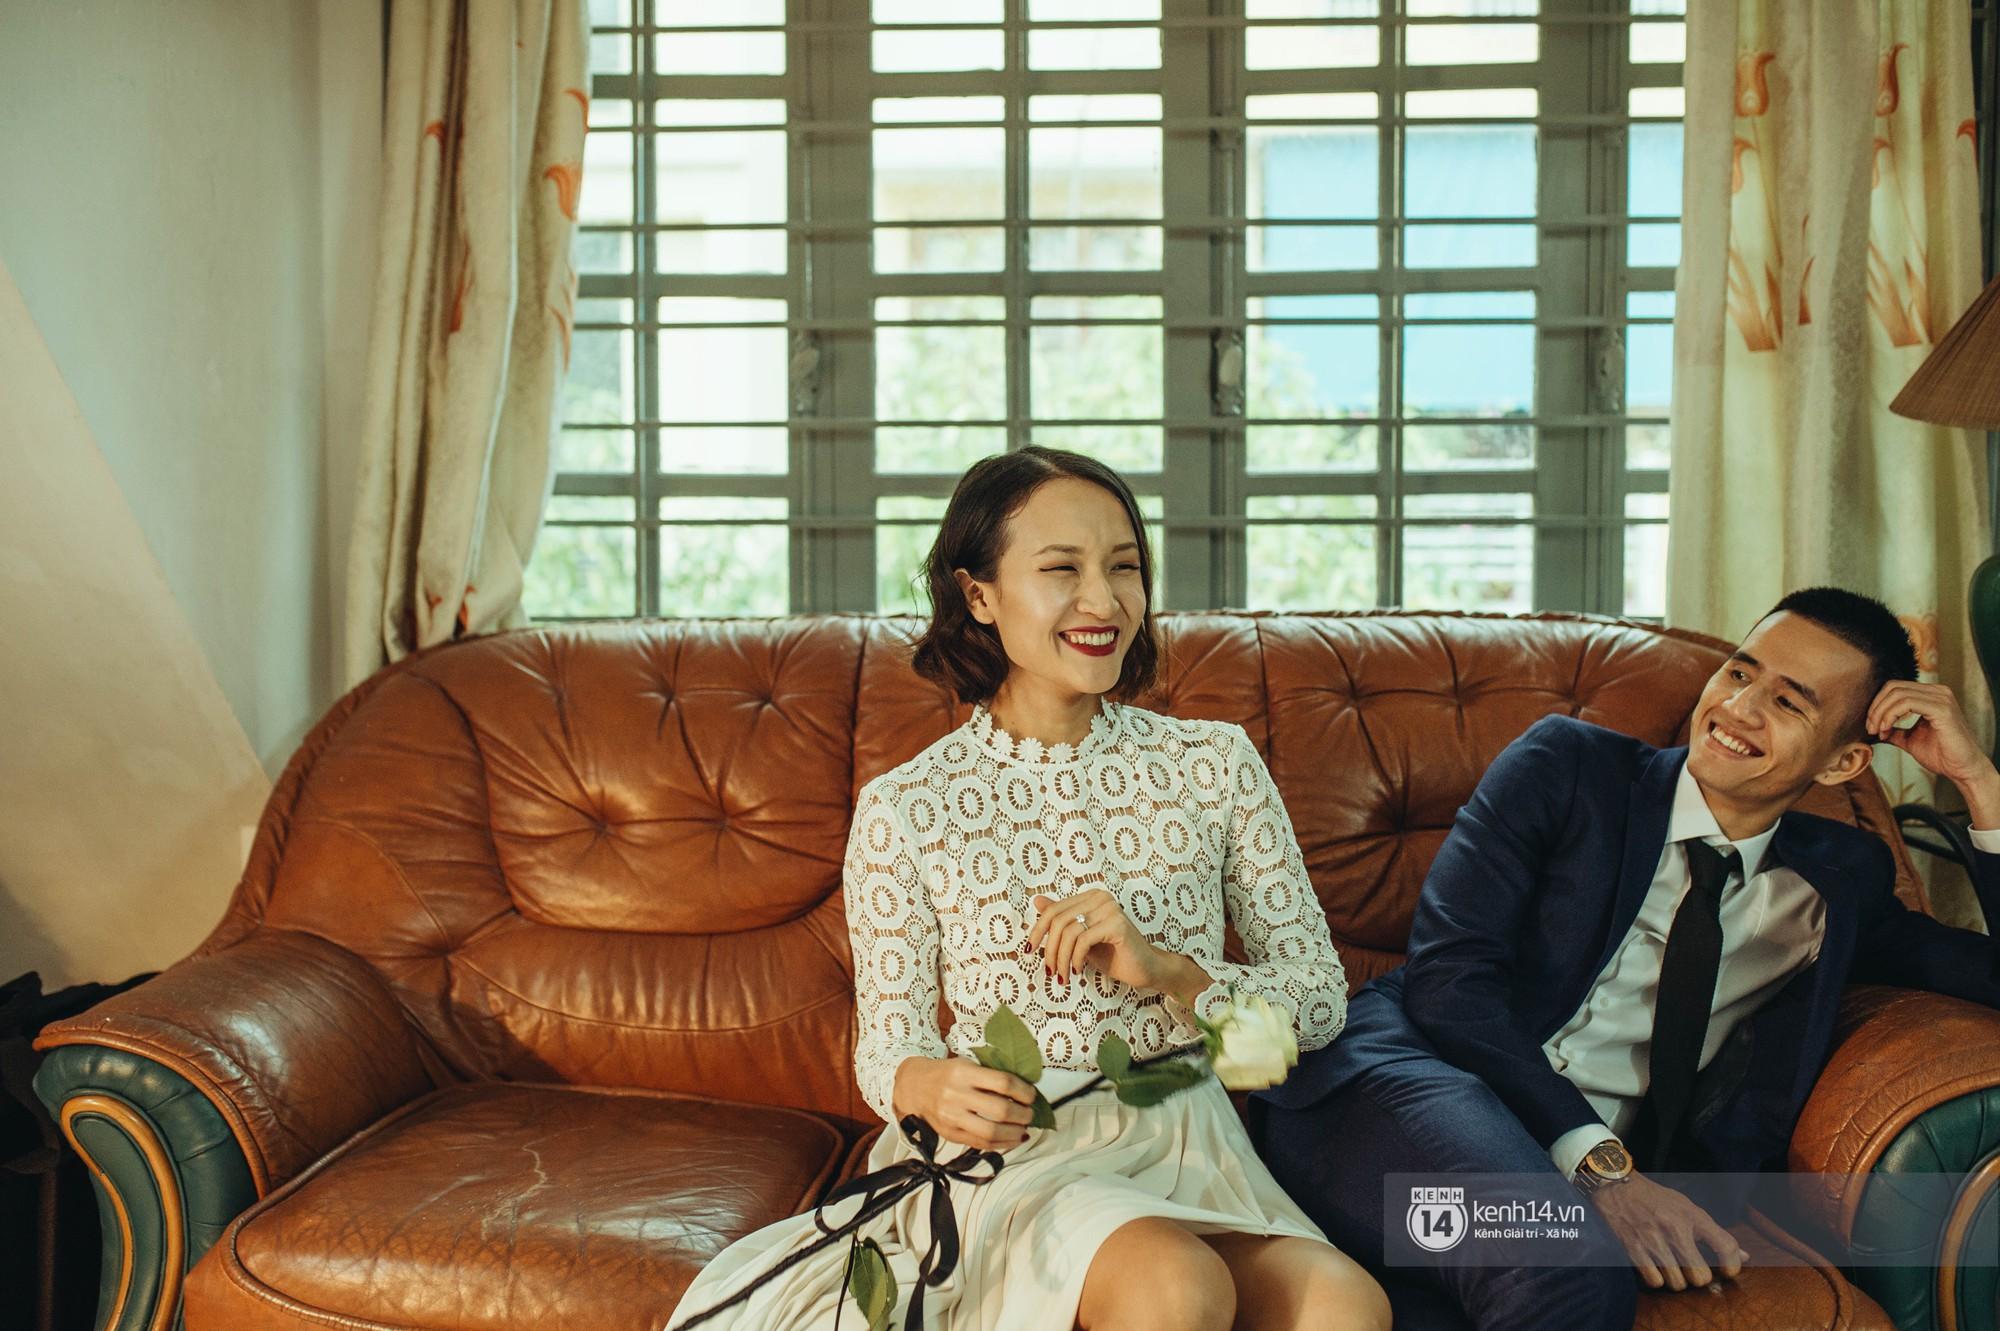 6 năm hẹn hò với bạn thân của hot Vlogger Giang Ơi khép lại bằng đám cưới giản dị nhưng đong đầy hạnh phúc - Ảnh 10.